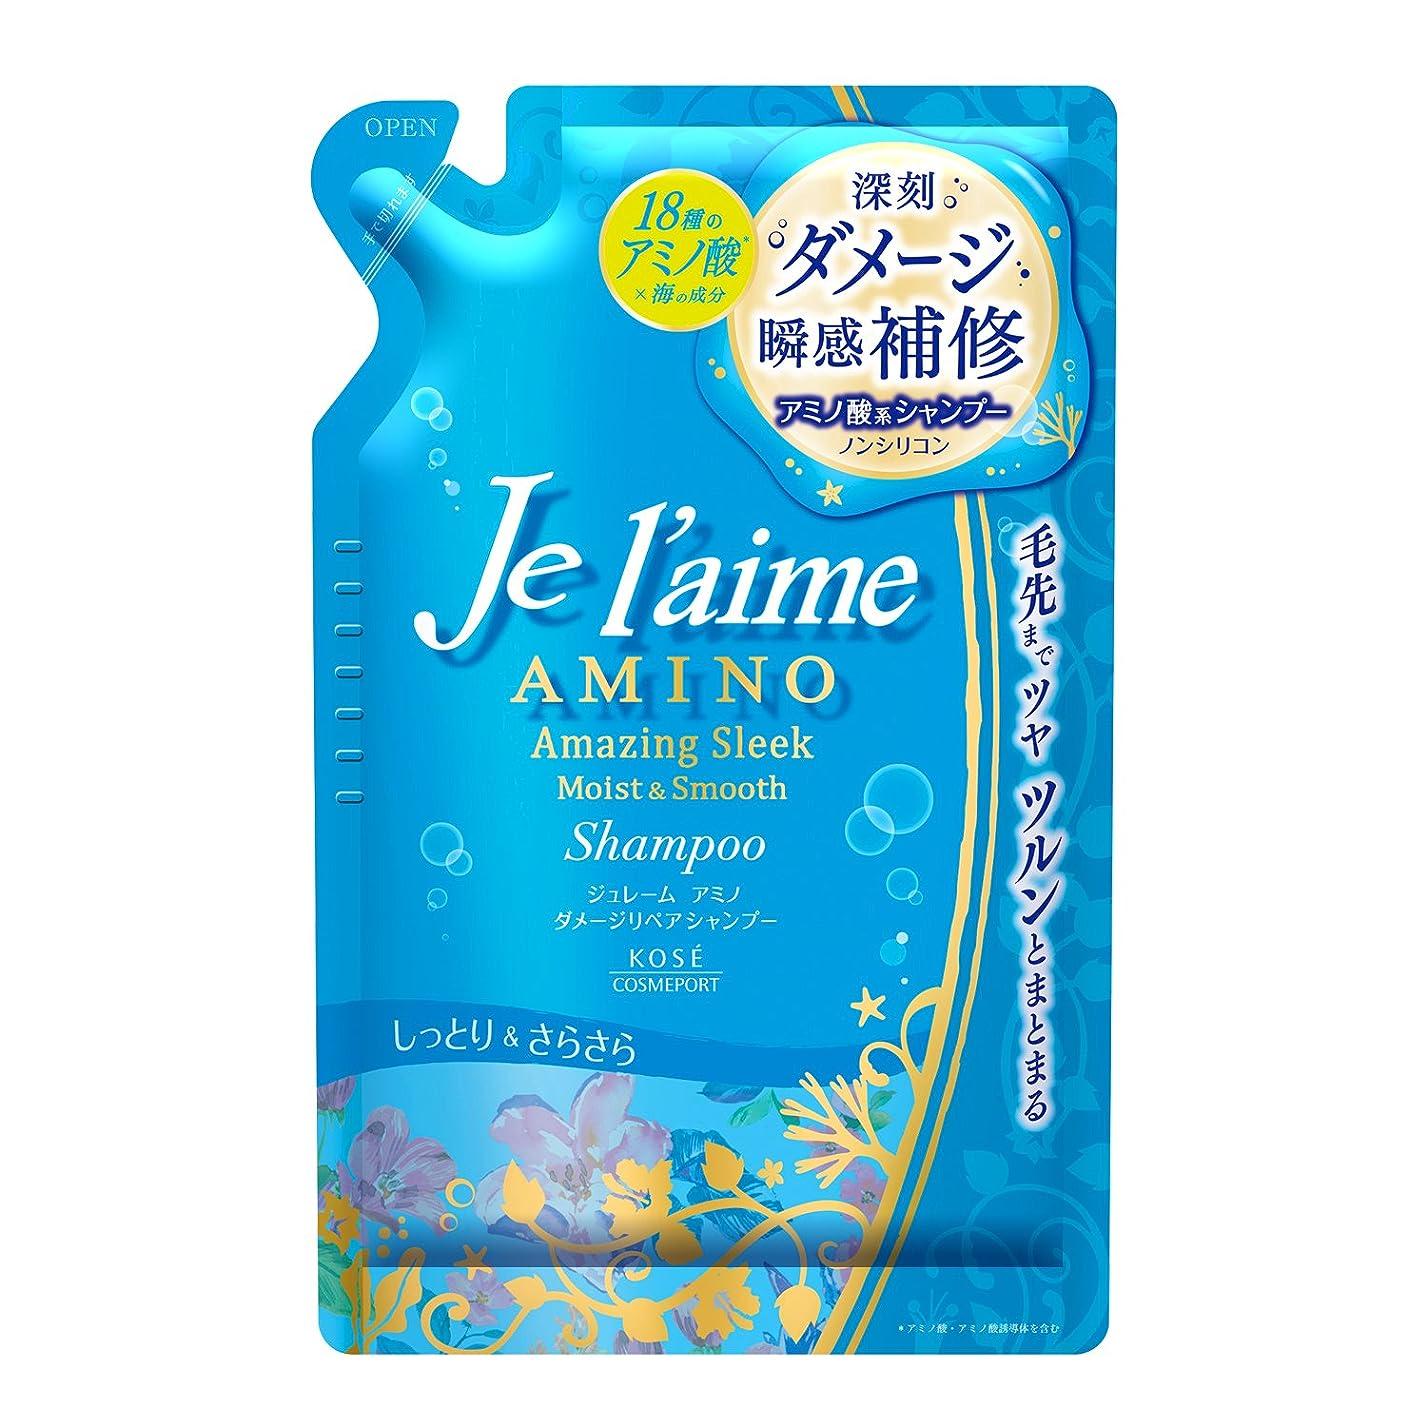 代替案同封するブラウンKOSE コーセー ジュレーム アミノ ダメージ リペア シャンプー ノンシリコン アミノ酸 配合 (モイスト & スムース) つめかえ 400ml